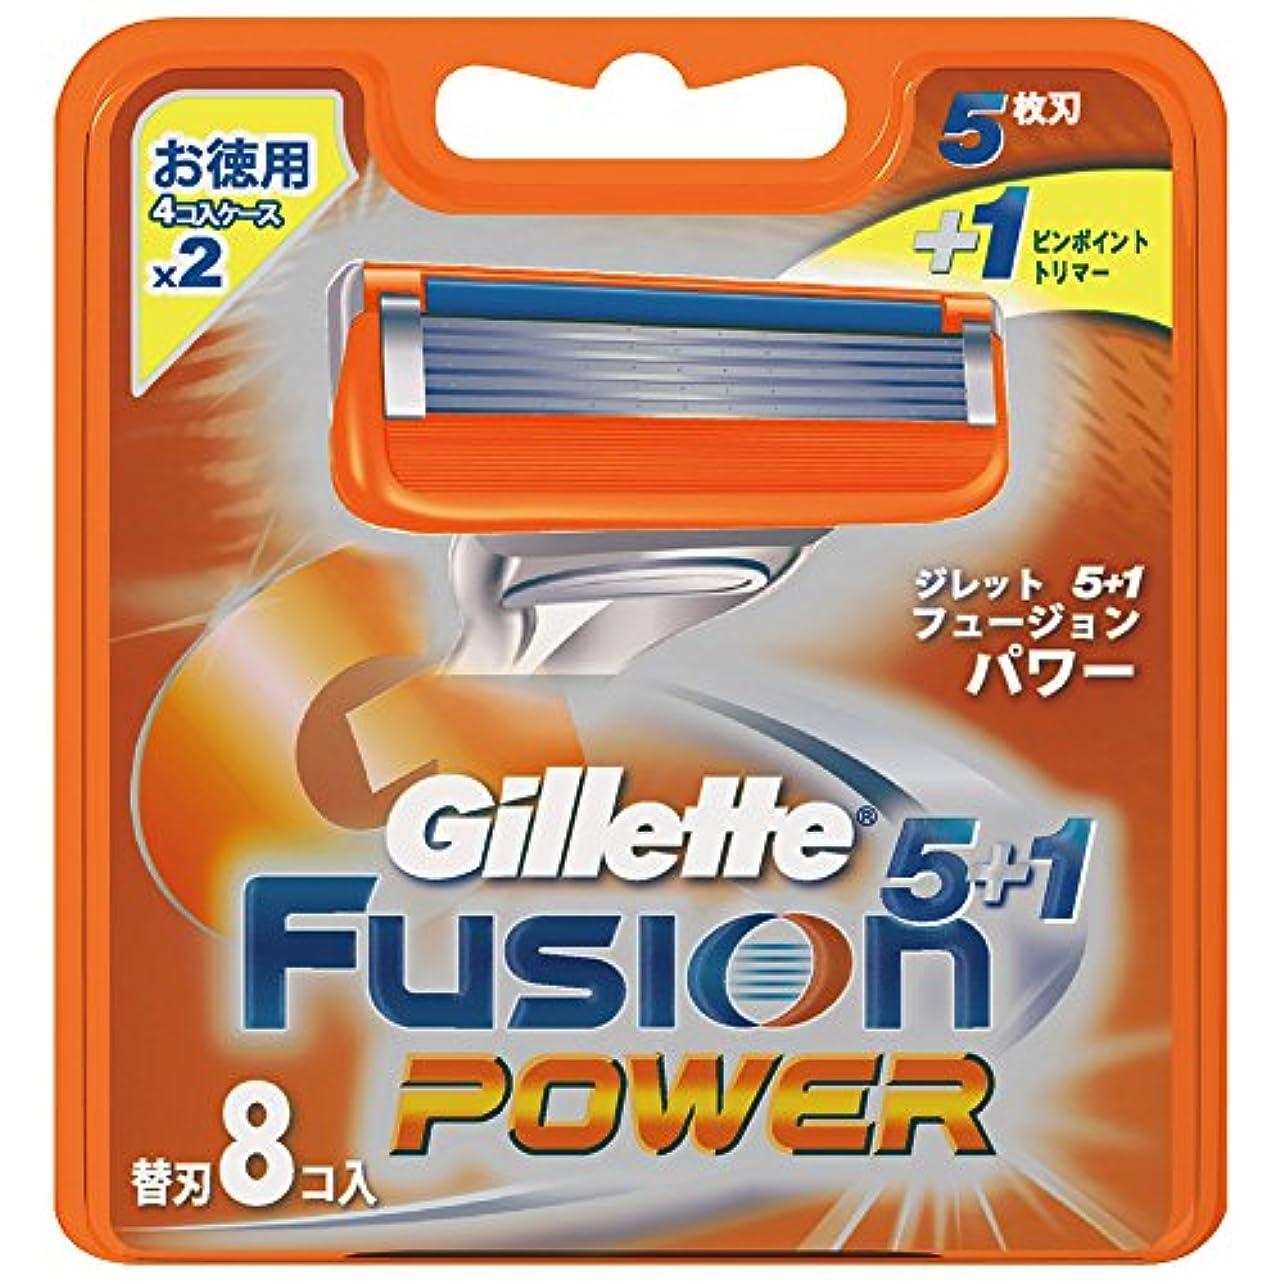 卒業大理石取り戻すジレット 髭剃り フュージョン5+1 パワー 替刃8個入